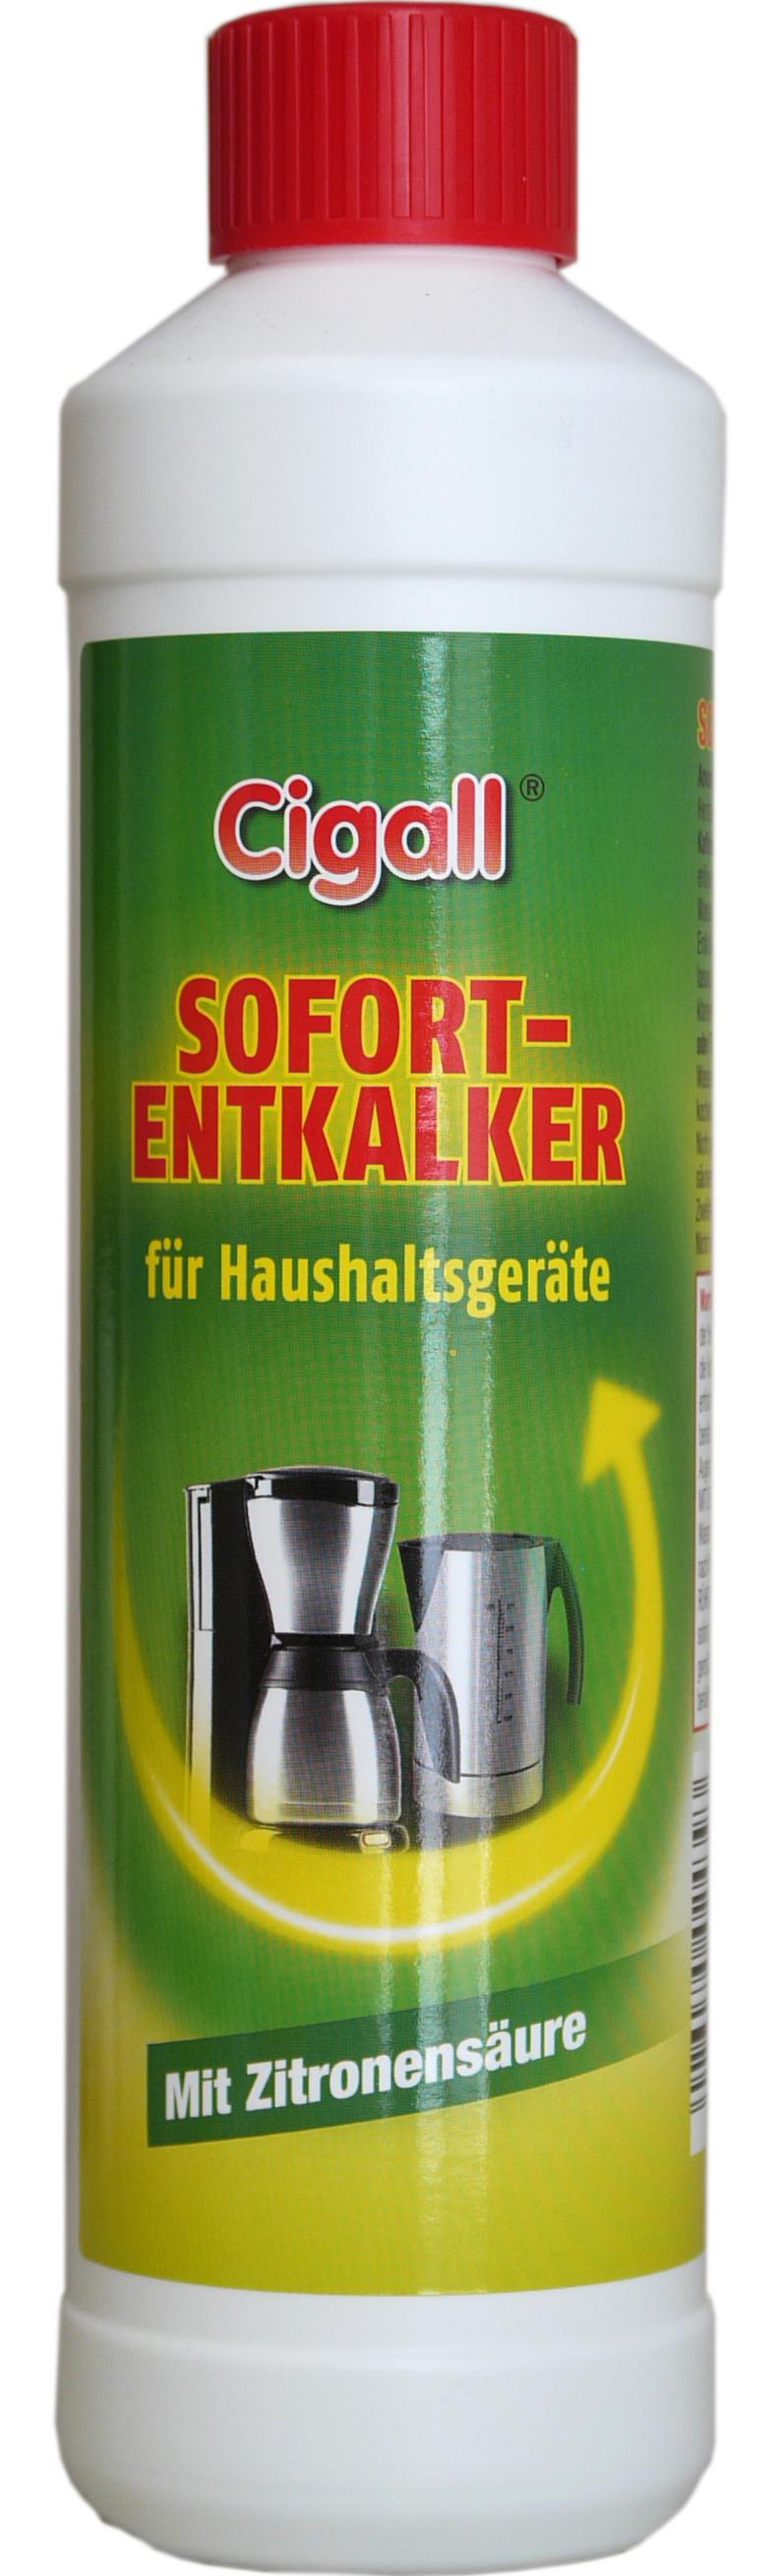 02439 - Cigall Sofort Entkalker für Haushaltsgeräte 500 ml